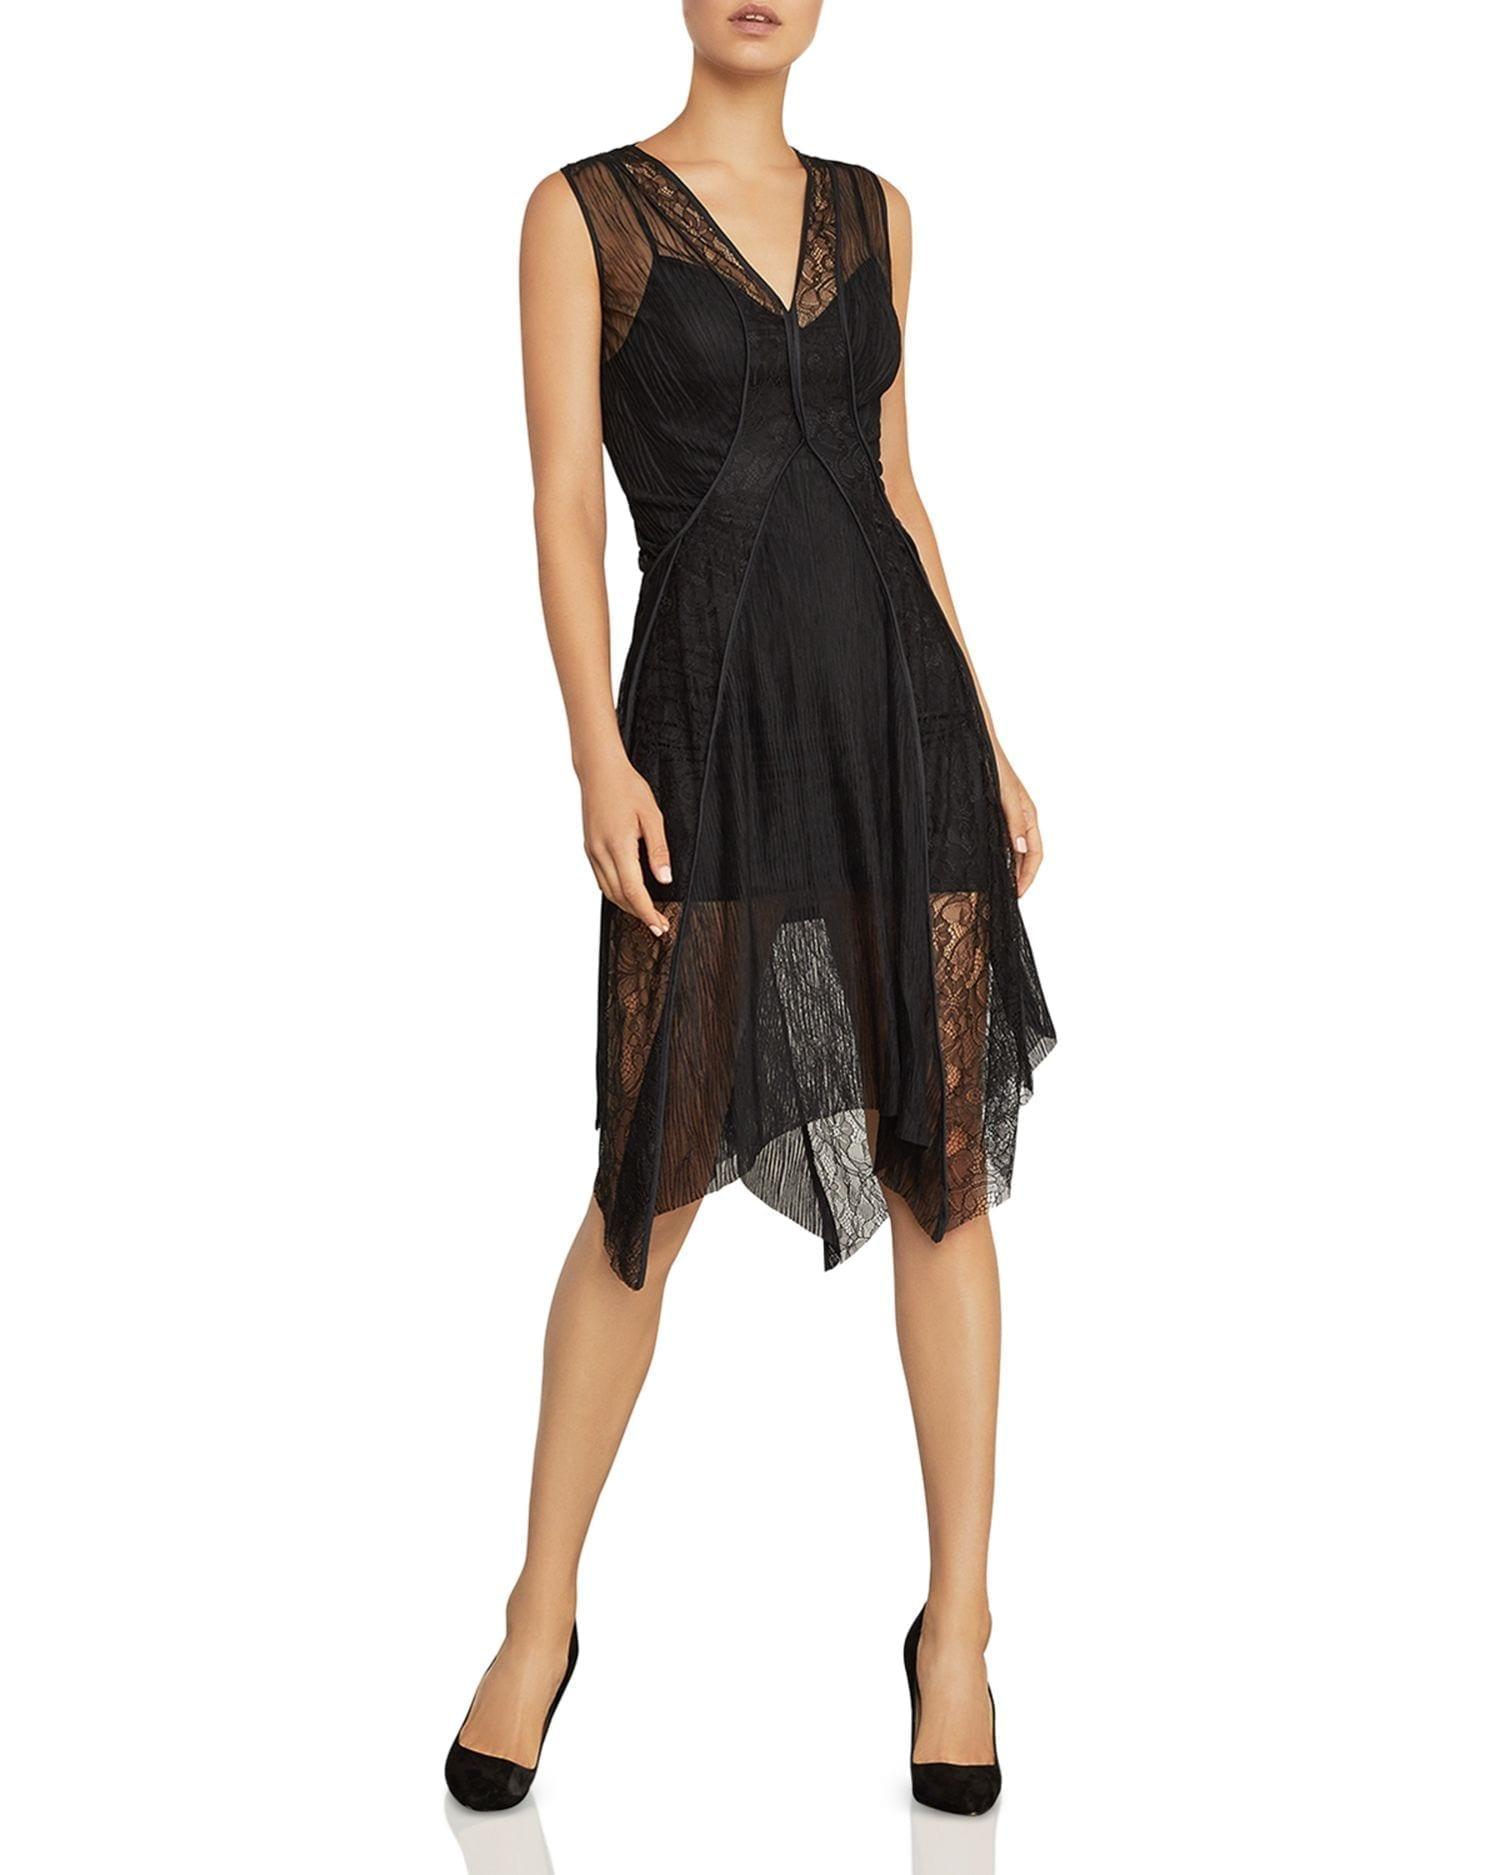 BCBGMAXAZRIA Piped Mesh & Lace Black Dress